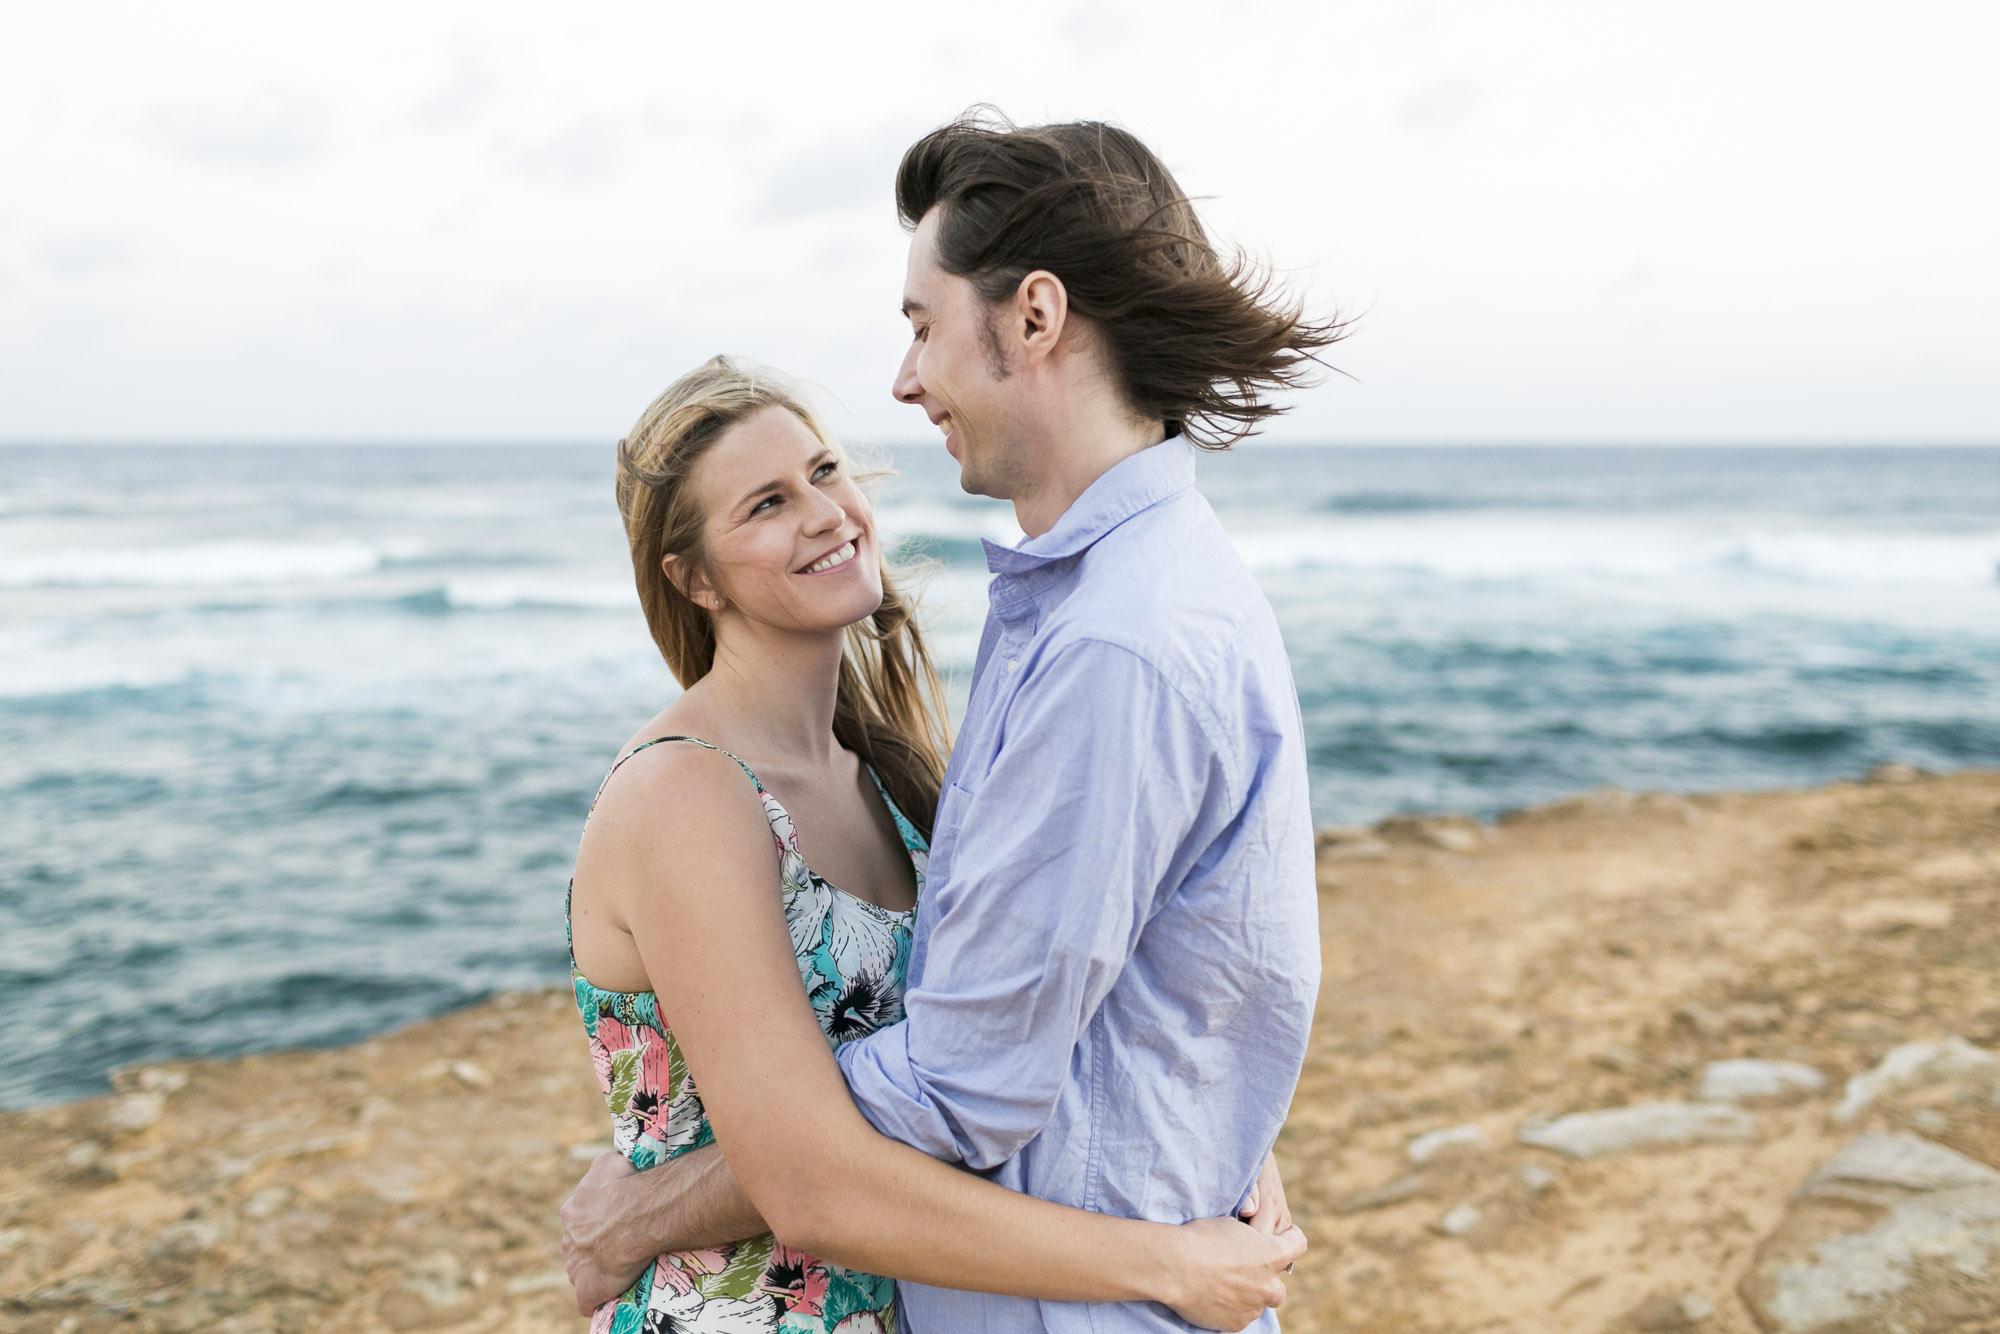 023_Epic_Cliff_Kauai_Beach_Engagement.jpg